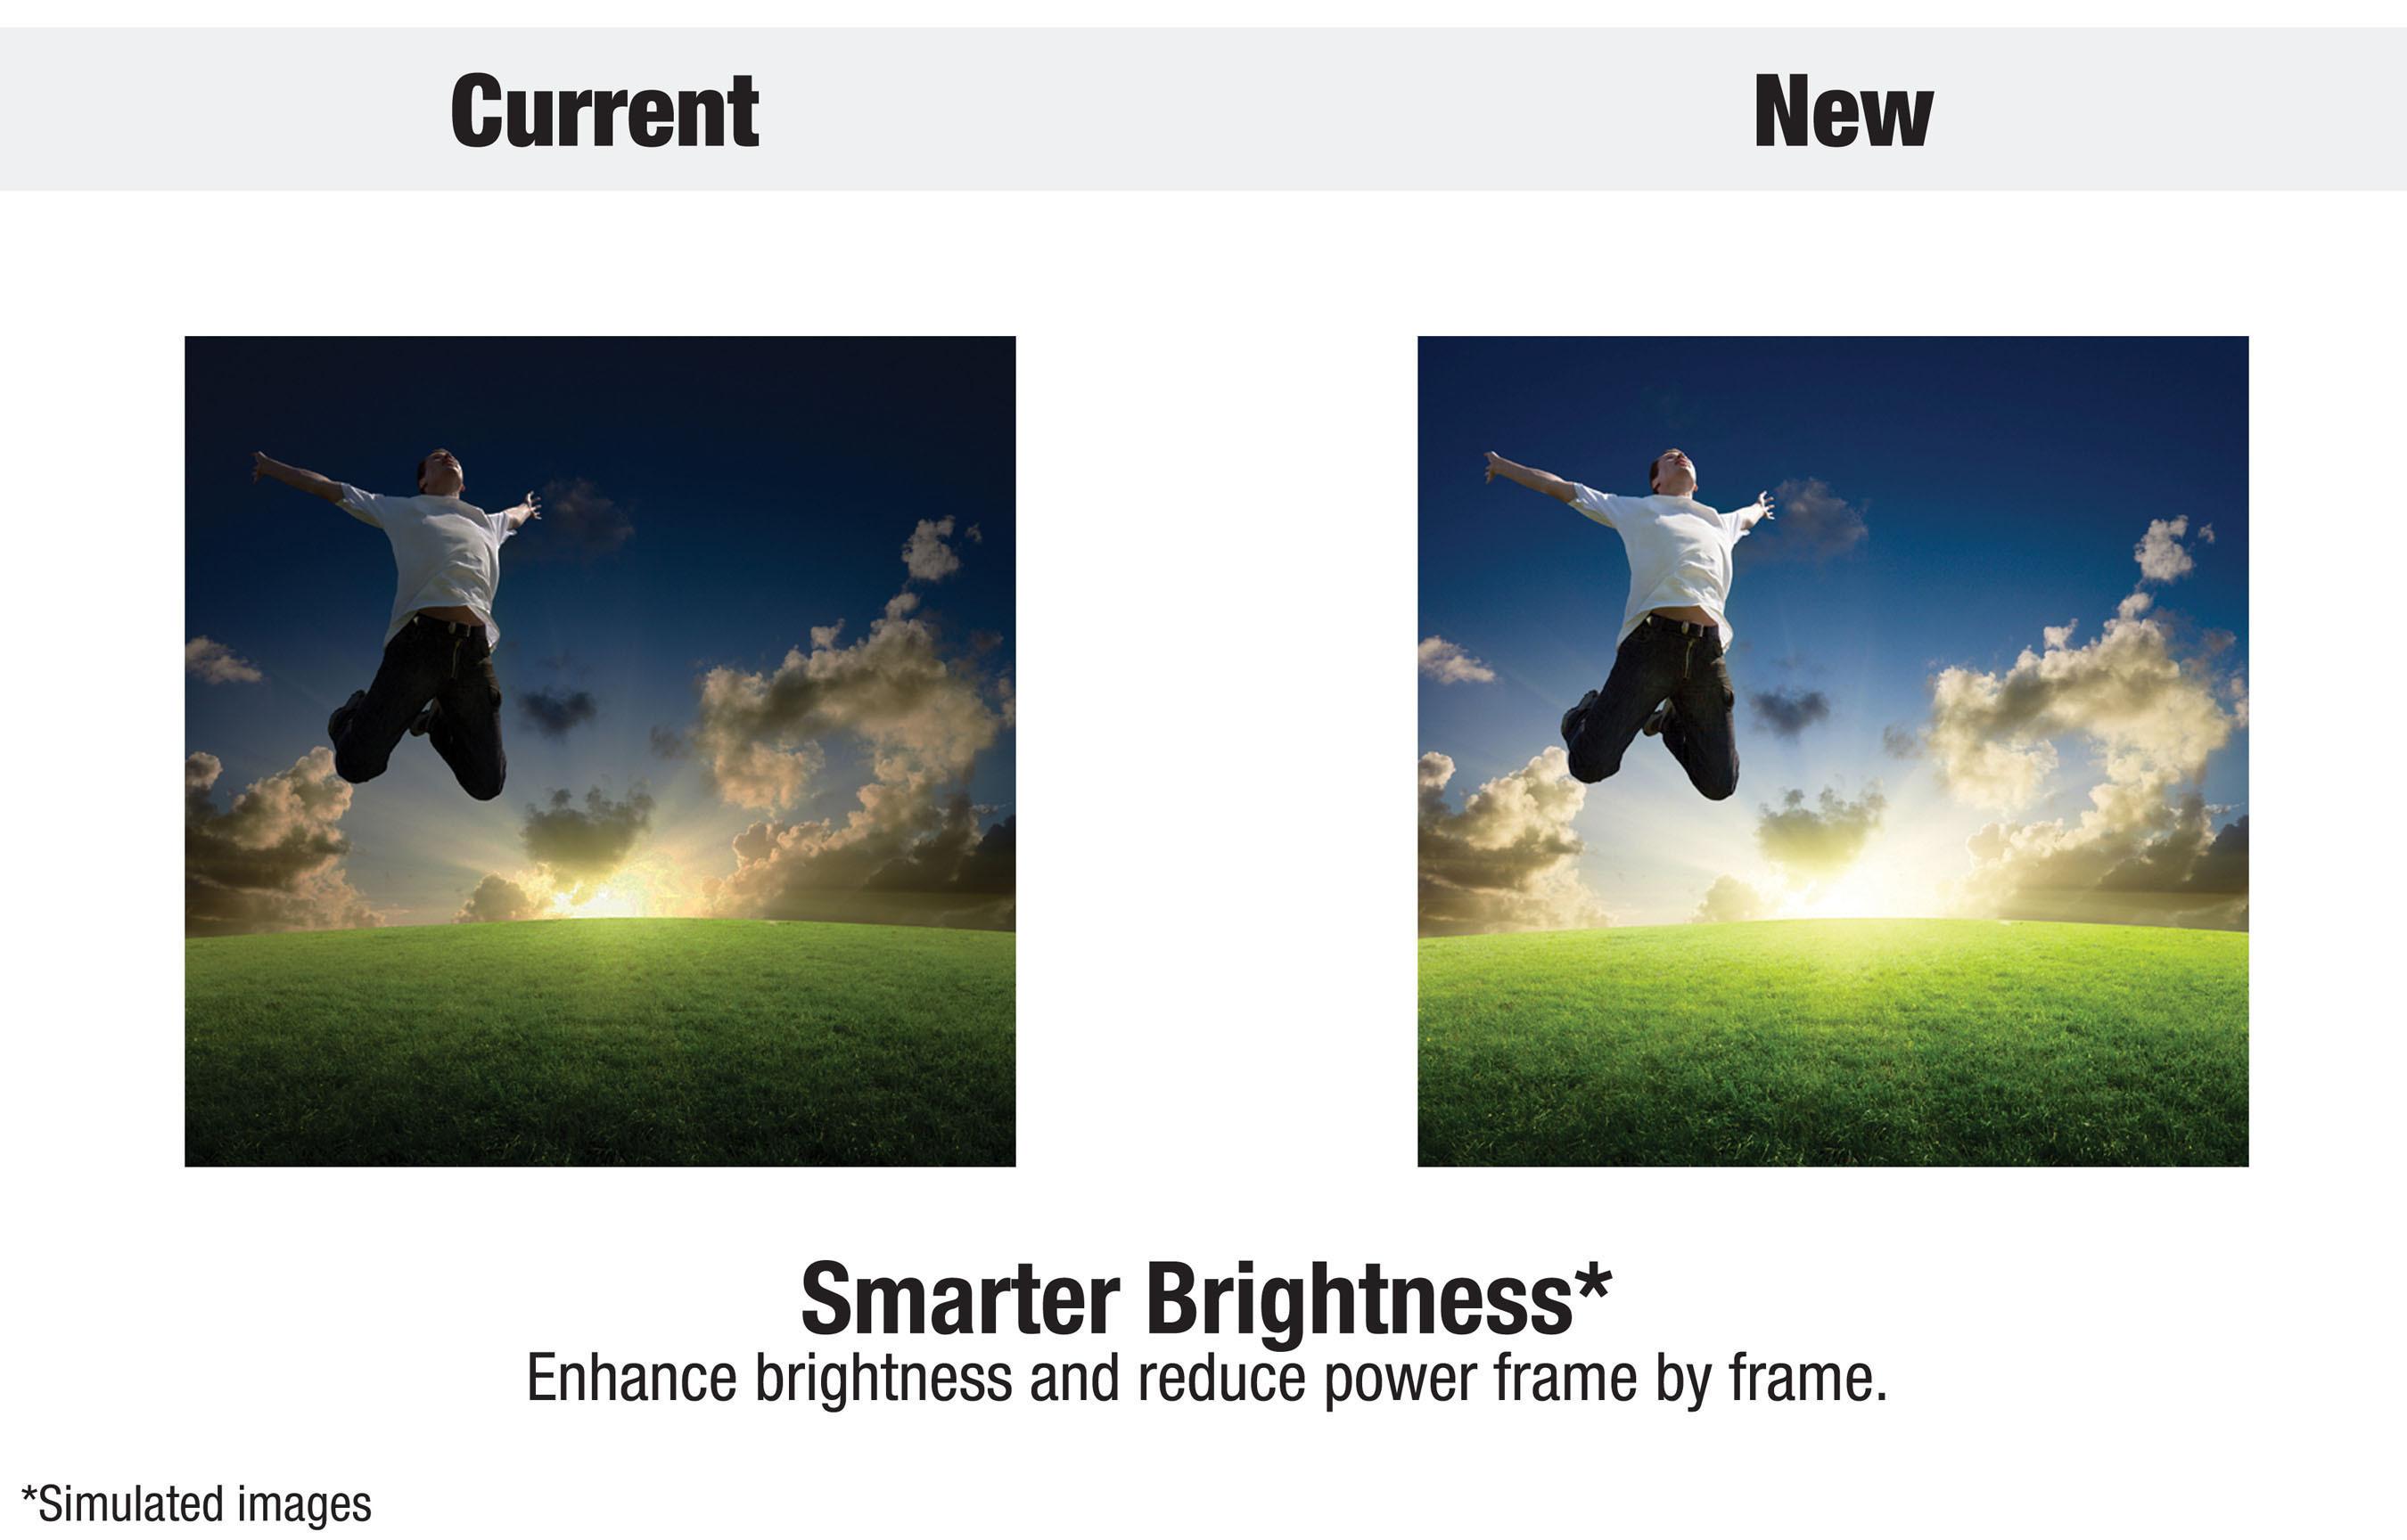 Intellibright: Algorithmen sollen lichtschwache Projektoren aufhellen - So soll Intellibright wirken. (Bild: Texas Instruments)